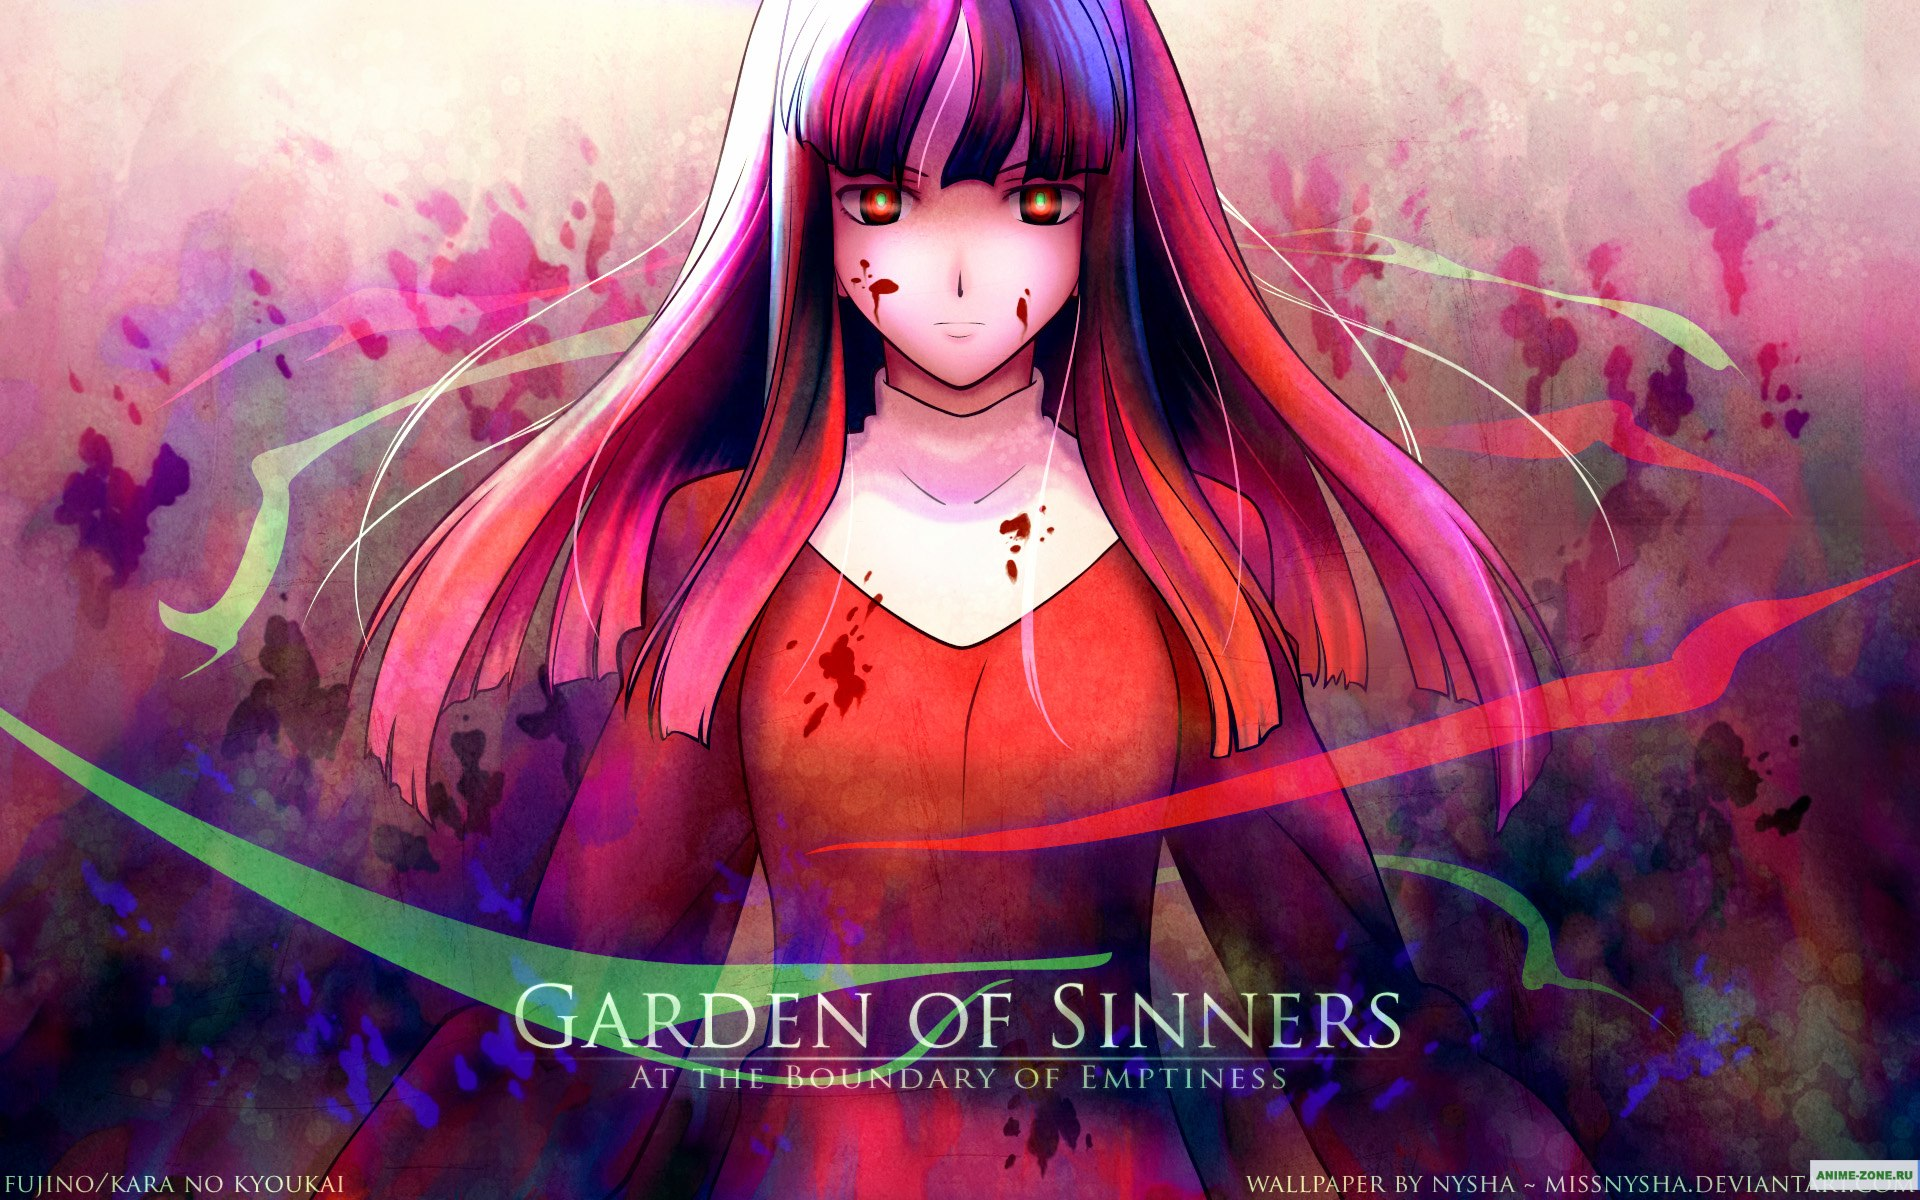 Kara no Kyoukai: The Garden of Sinn Граница пустоты: Сад грешников ...